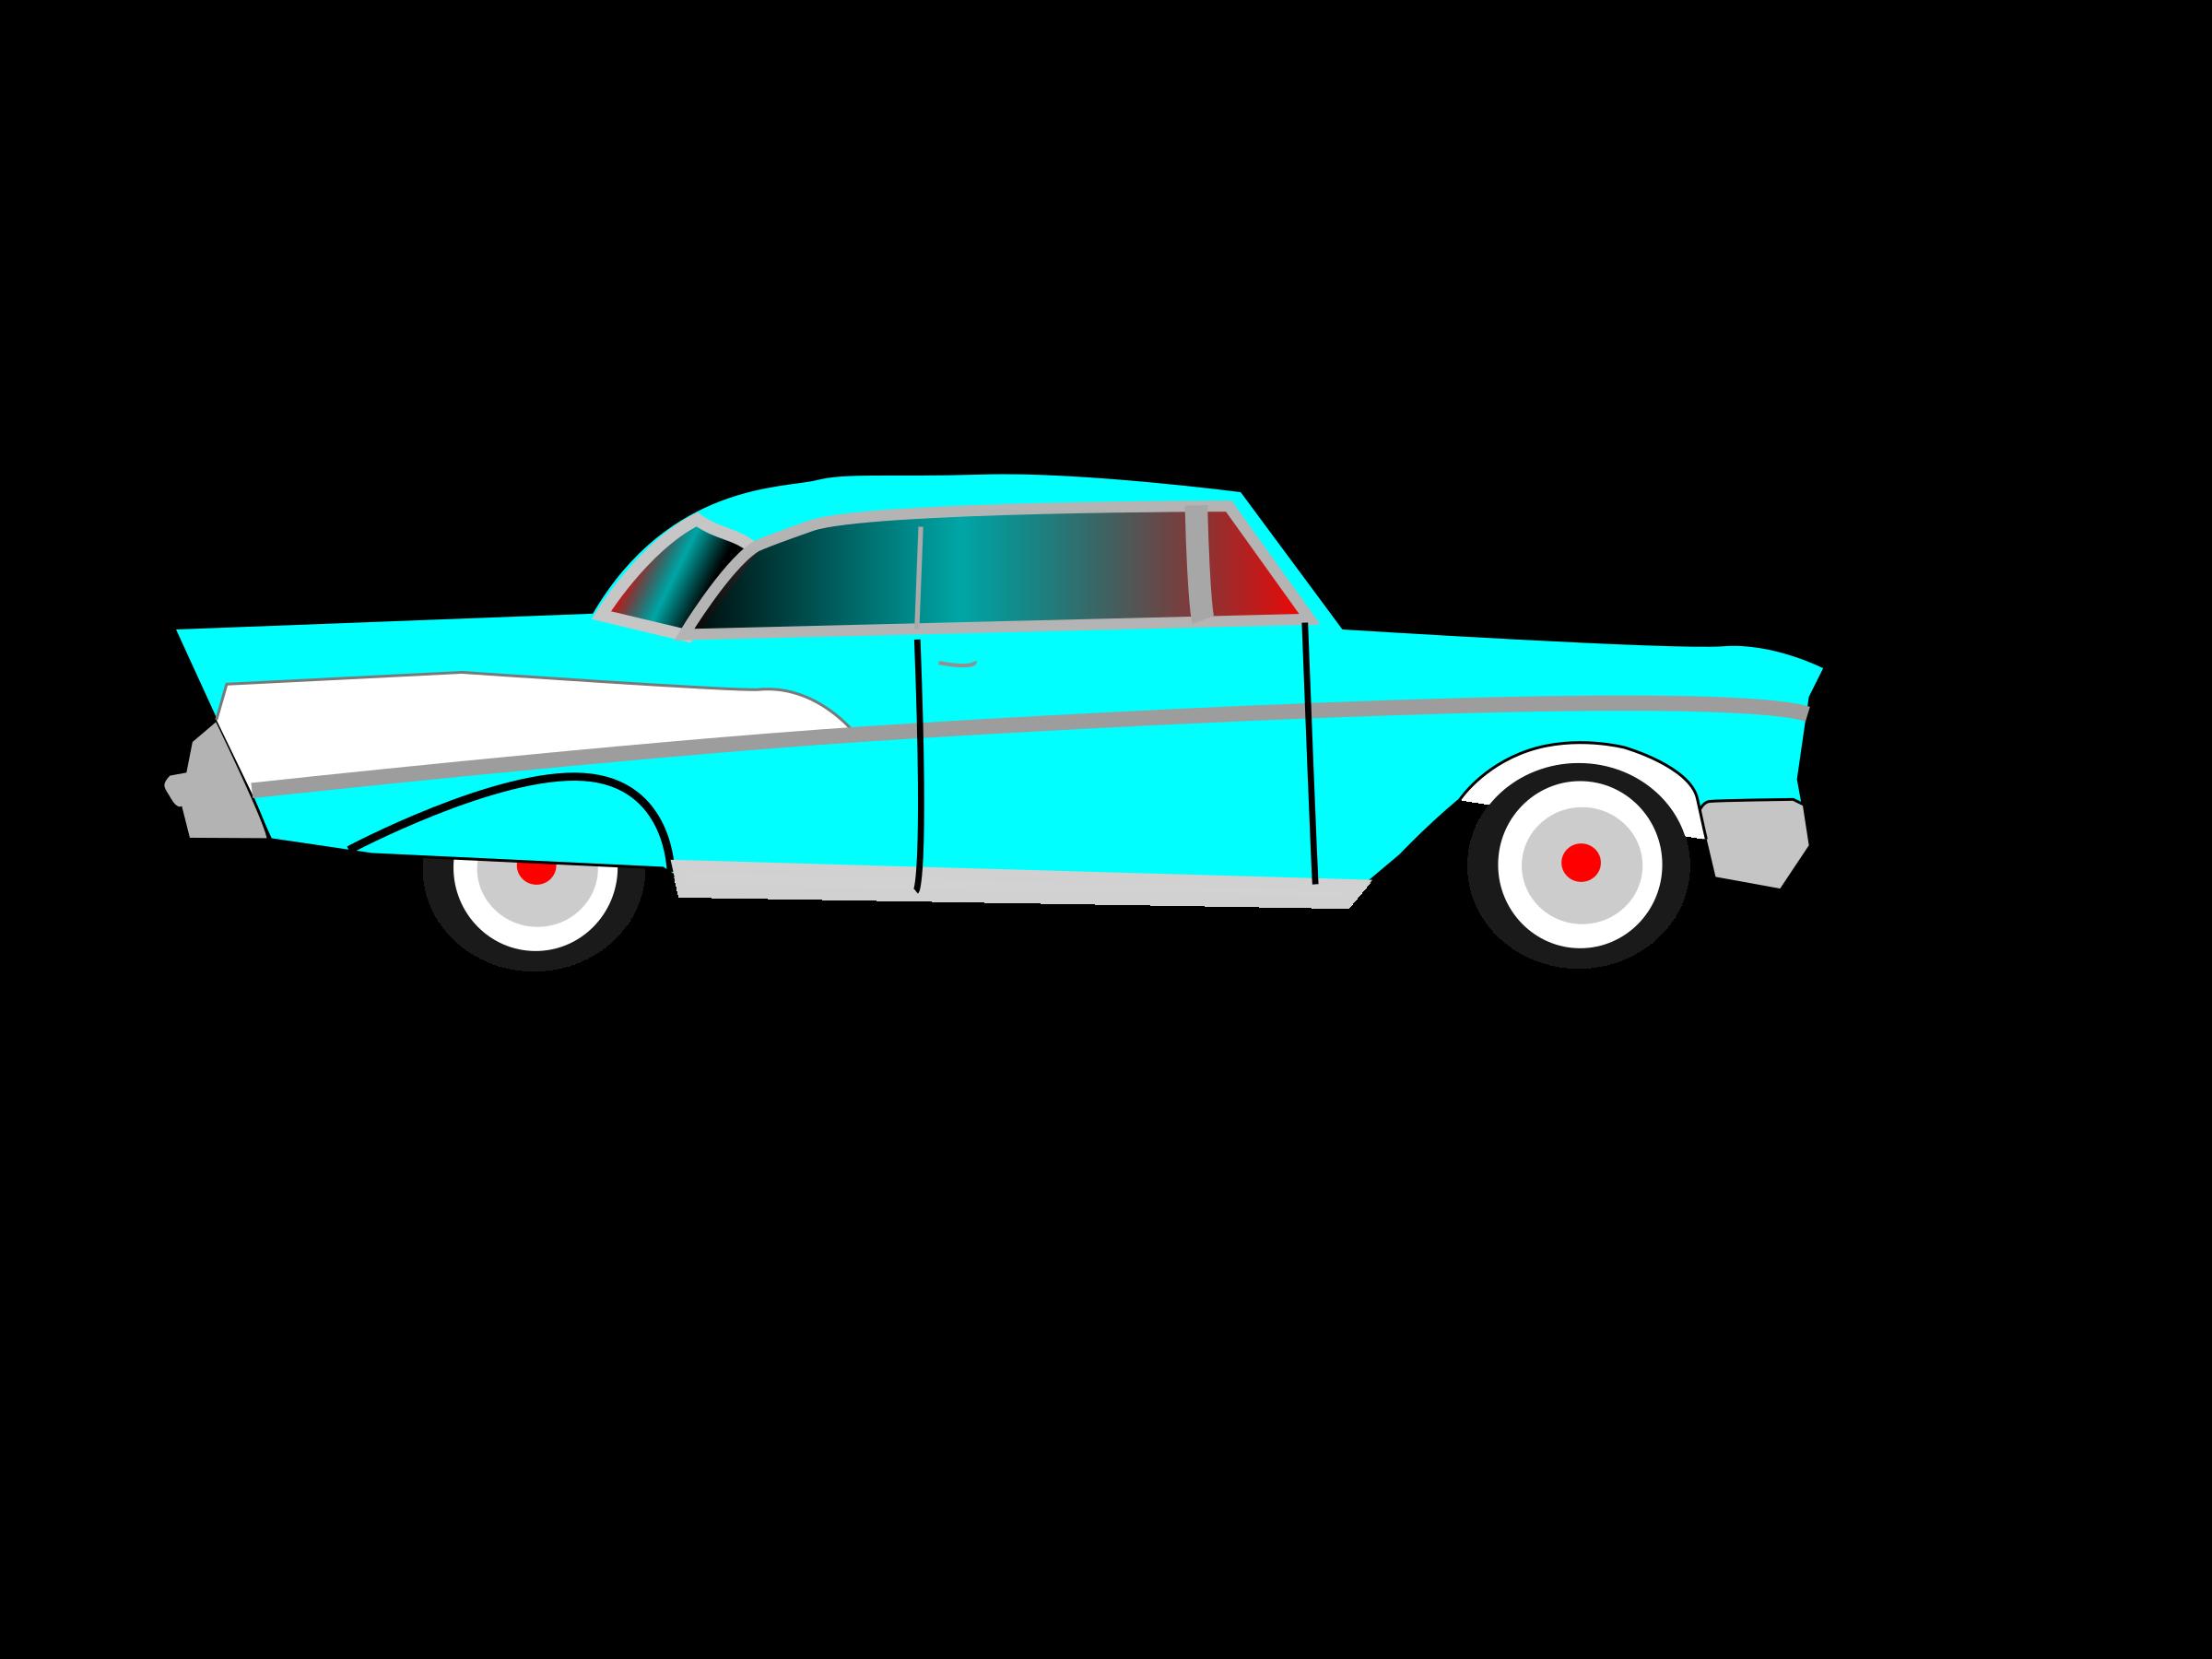 Car Chevrolet Bel Air 1955 Chevrolet Clip art.